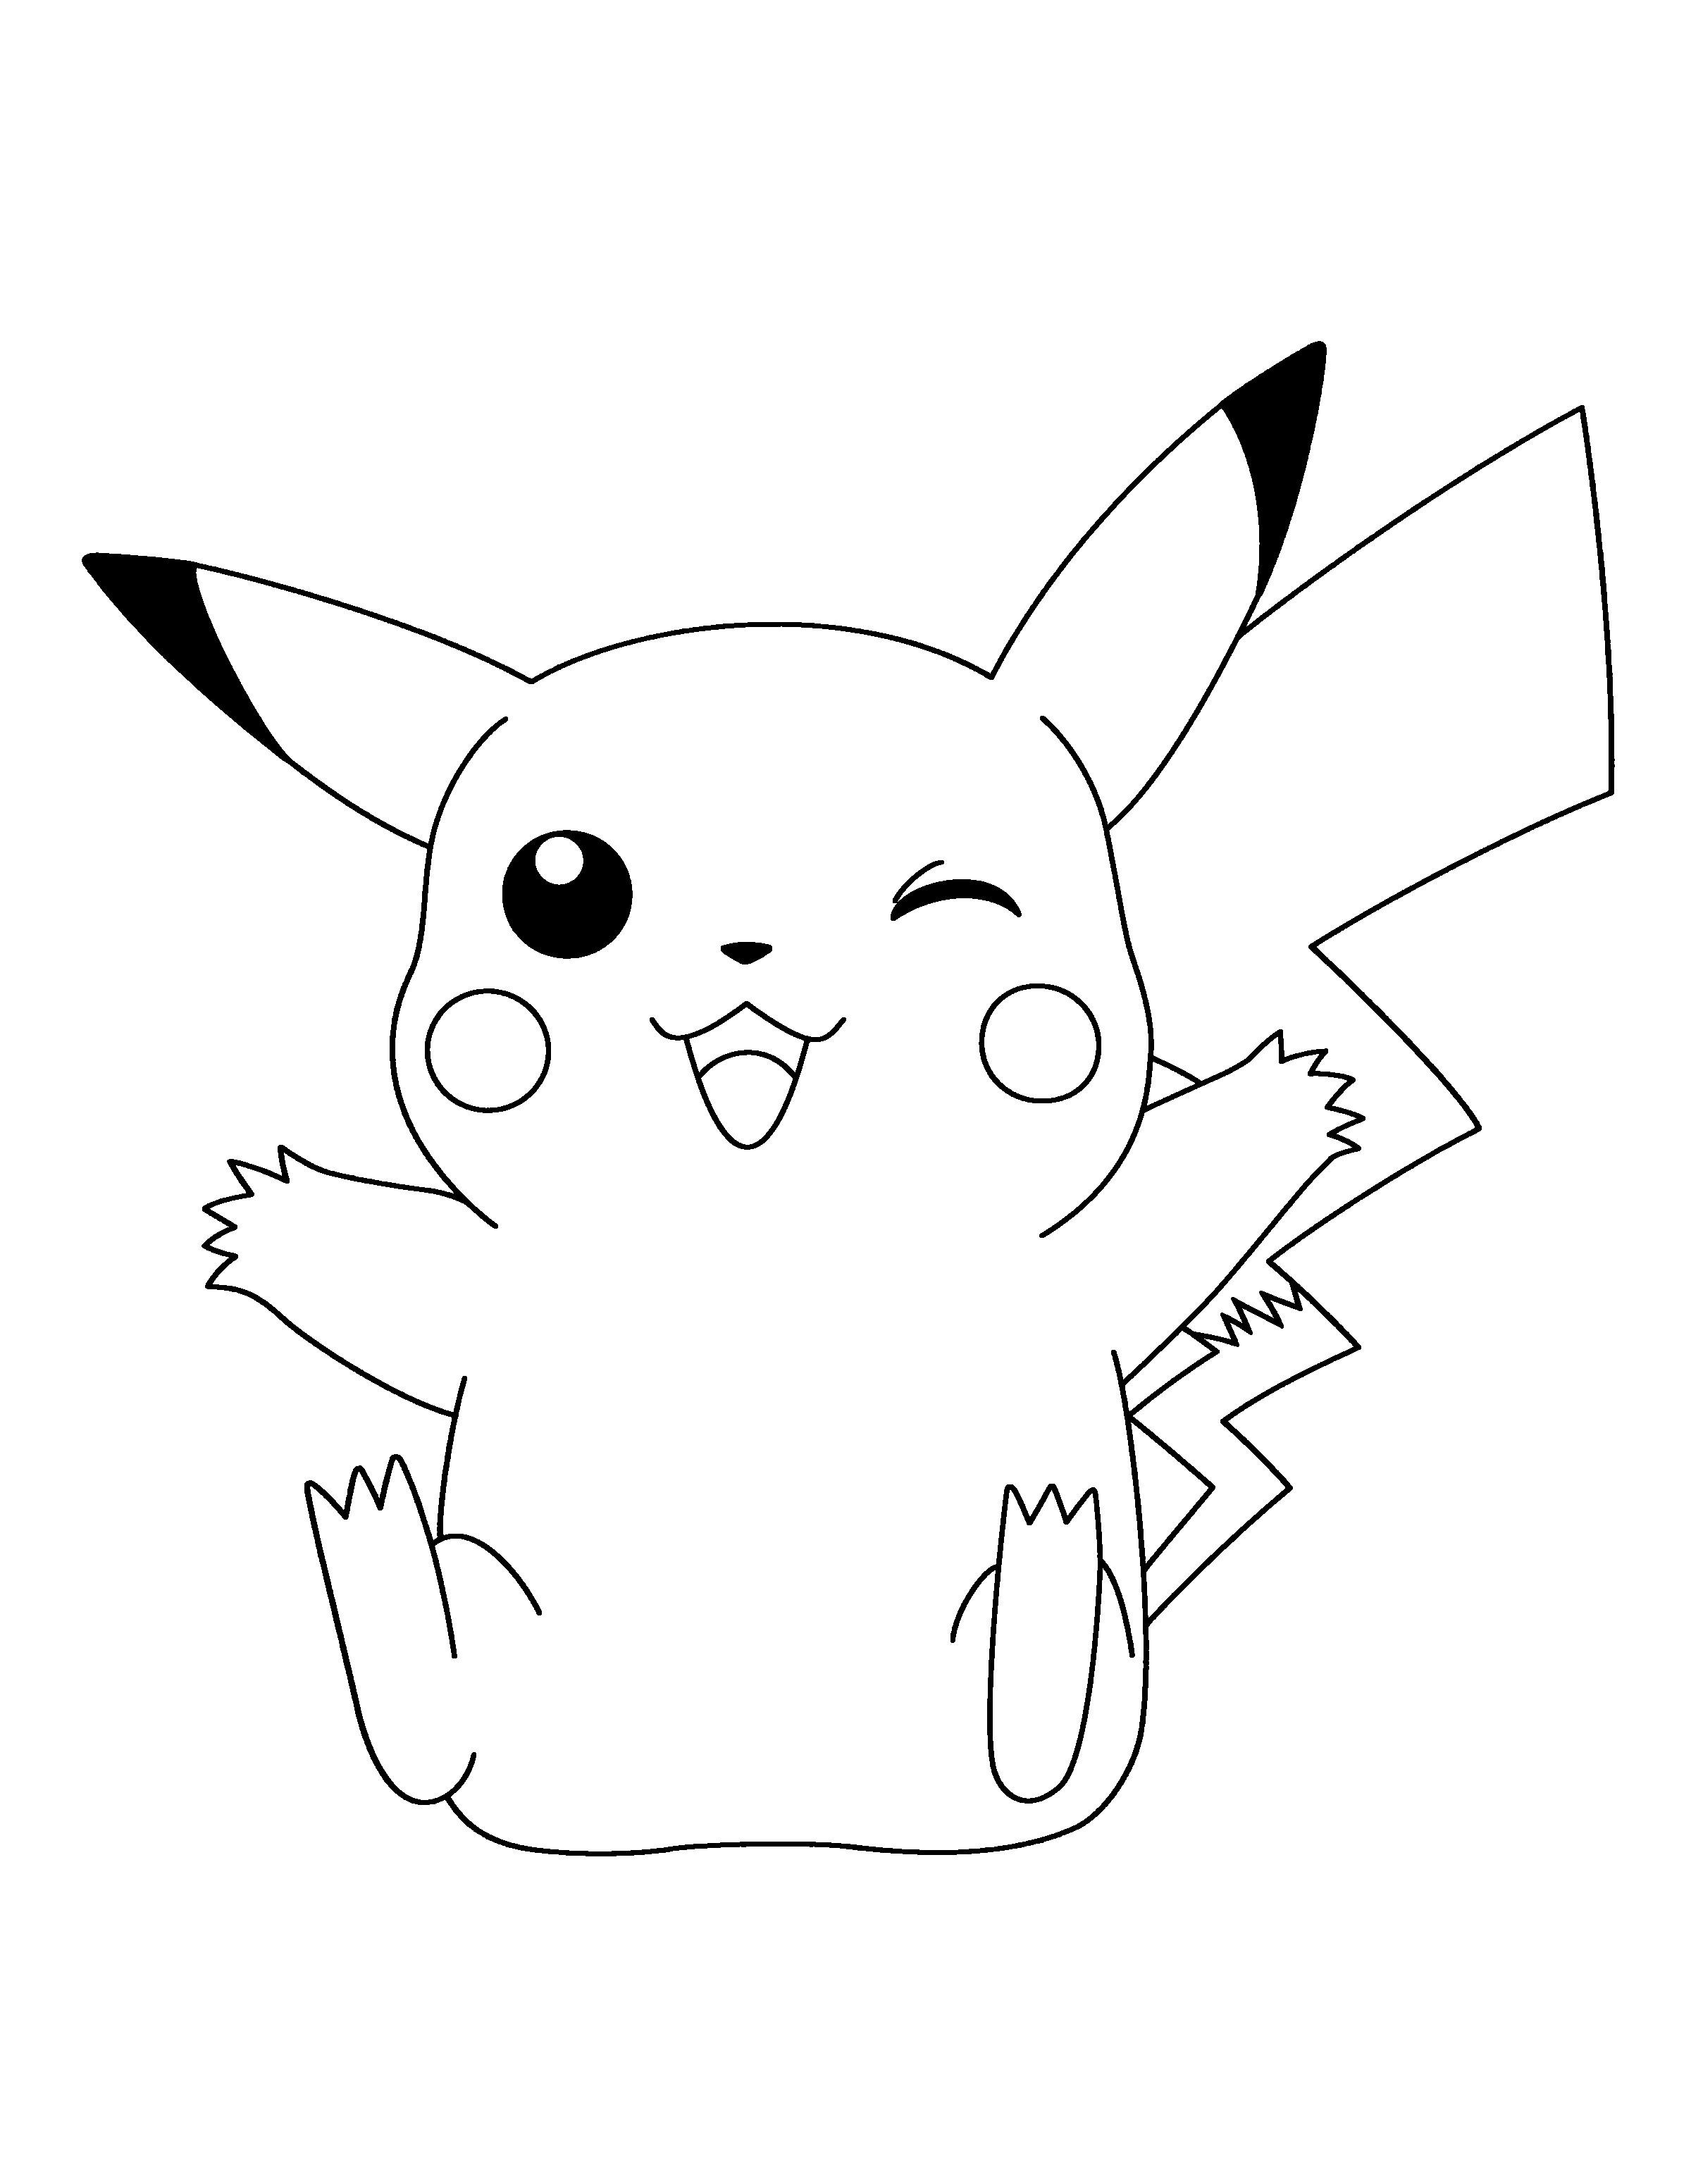 Ausmalbilder Pokemon Ausdrucken Neu Malvorlagen Zum Ausdrucken Pokemon Bilder